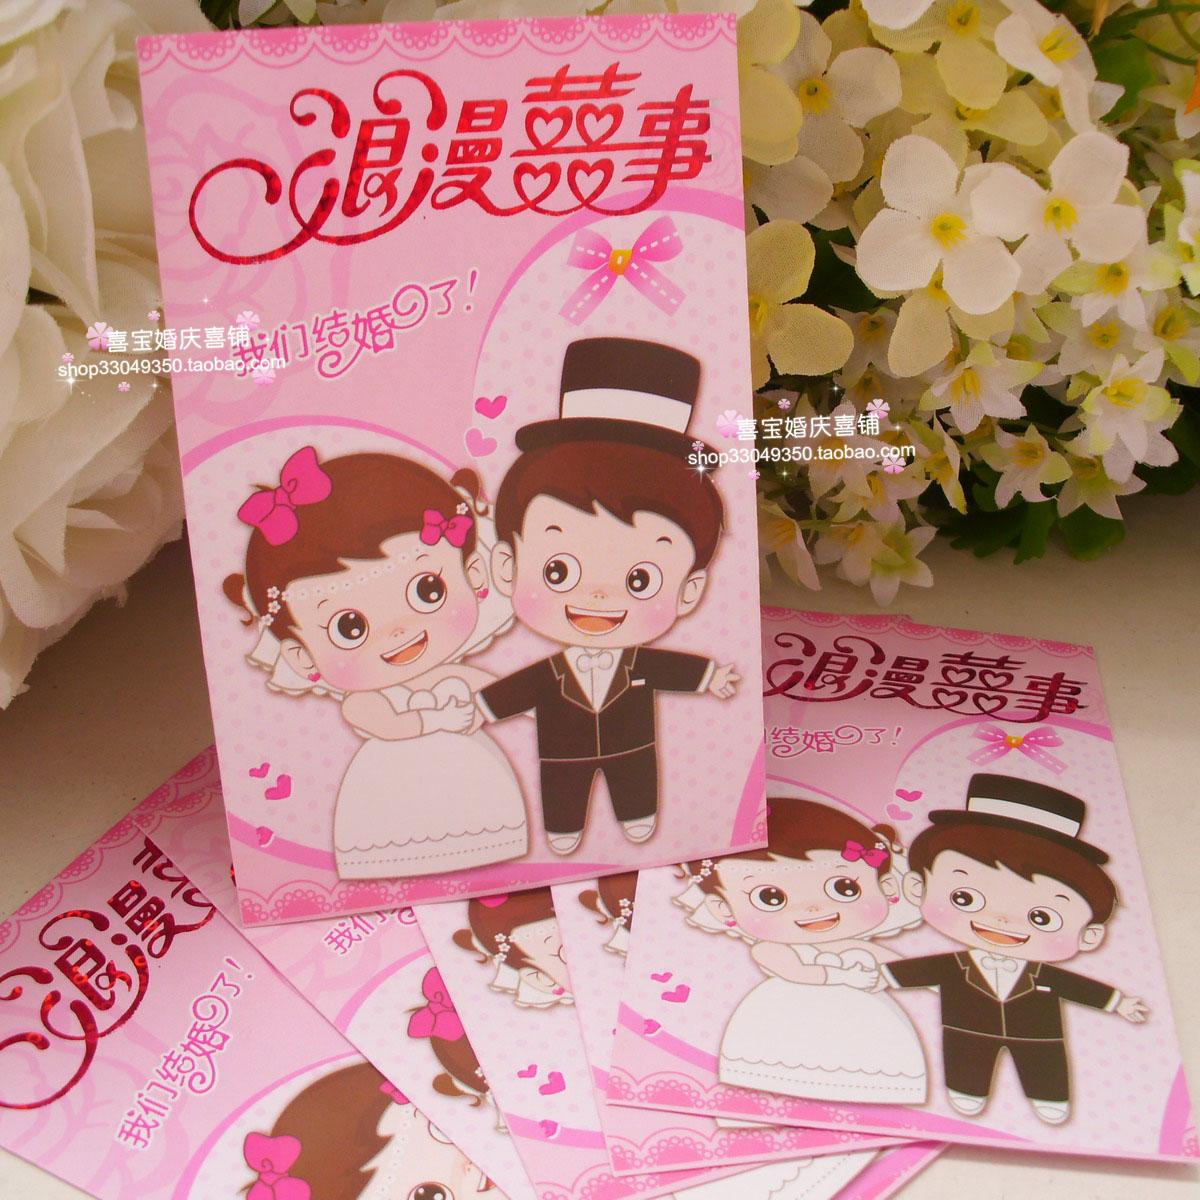 婚庆结婚用品/结婚用利事封/粉色可爱卡通红包/1包6个